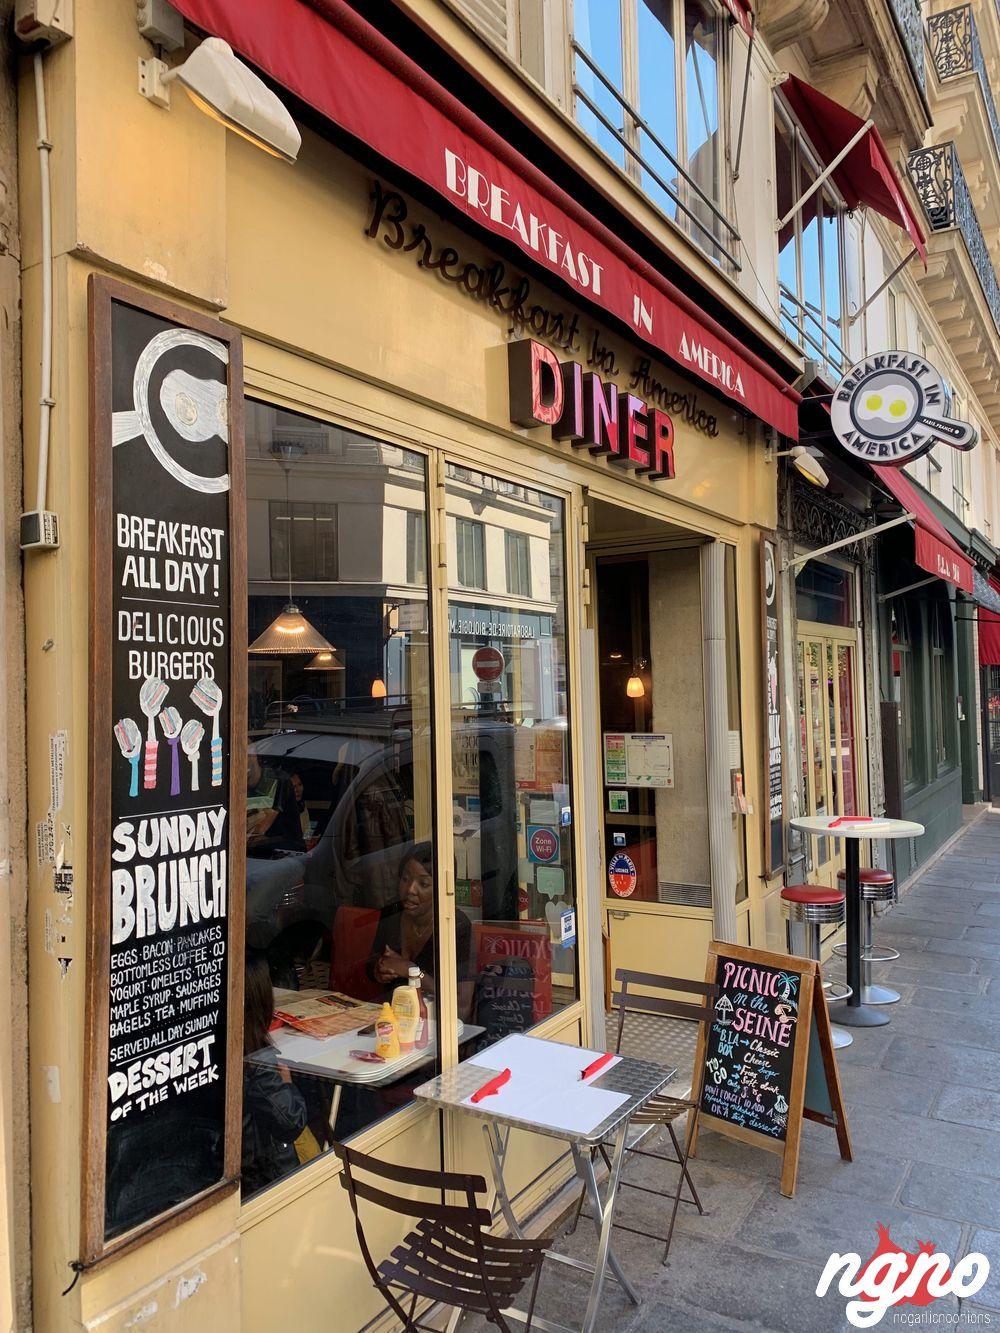 breakfast-america-paris-nogarlicnoonions-462018-10-22-06-49-47